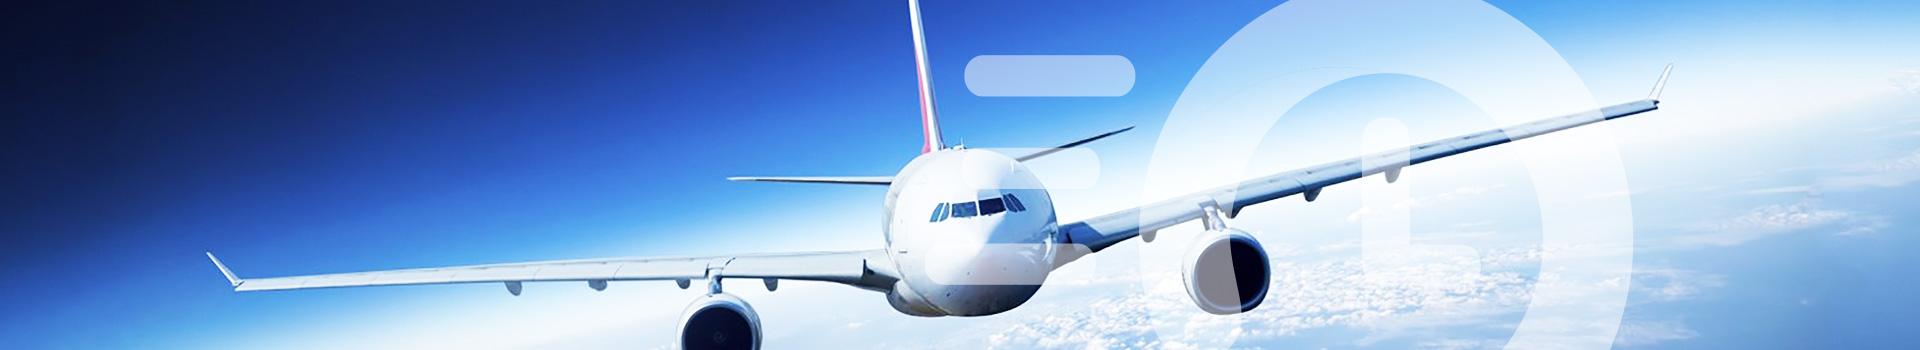 plane-1920x350